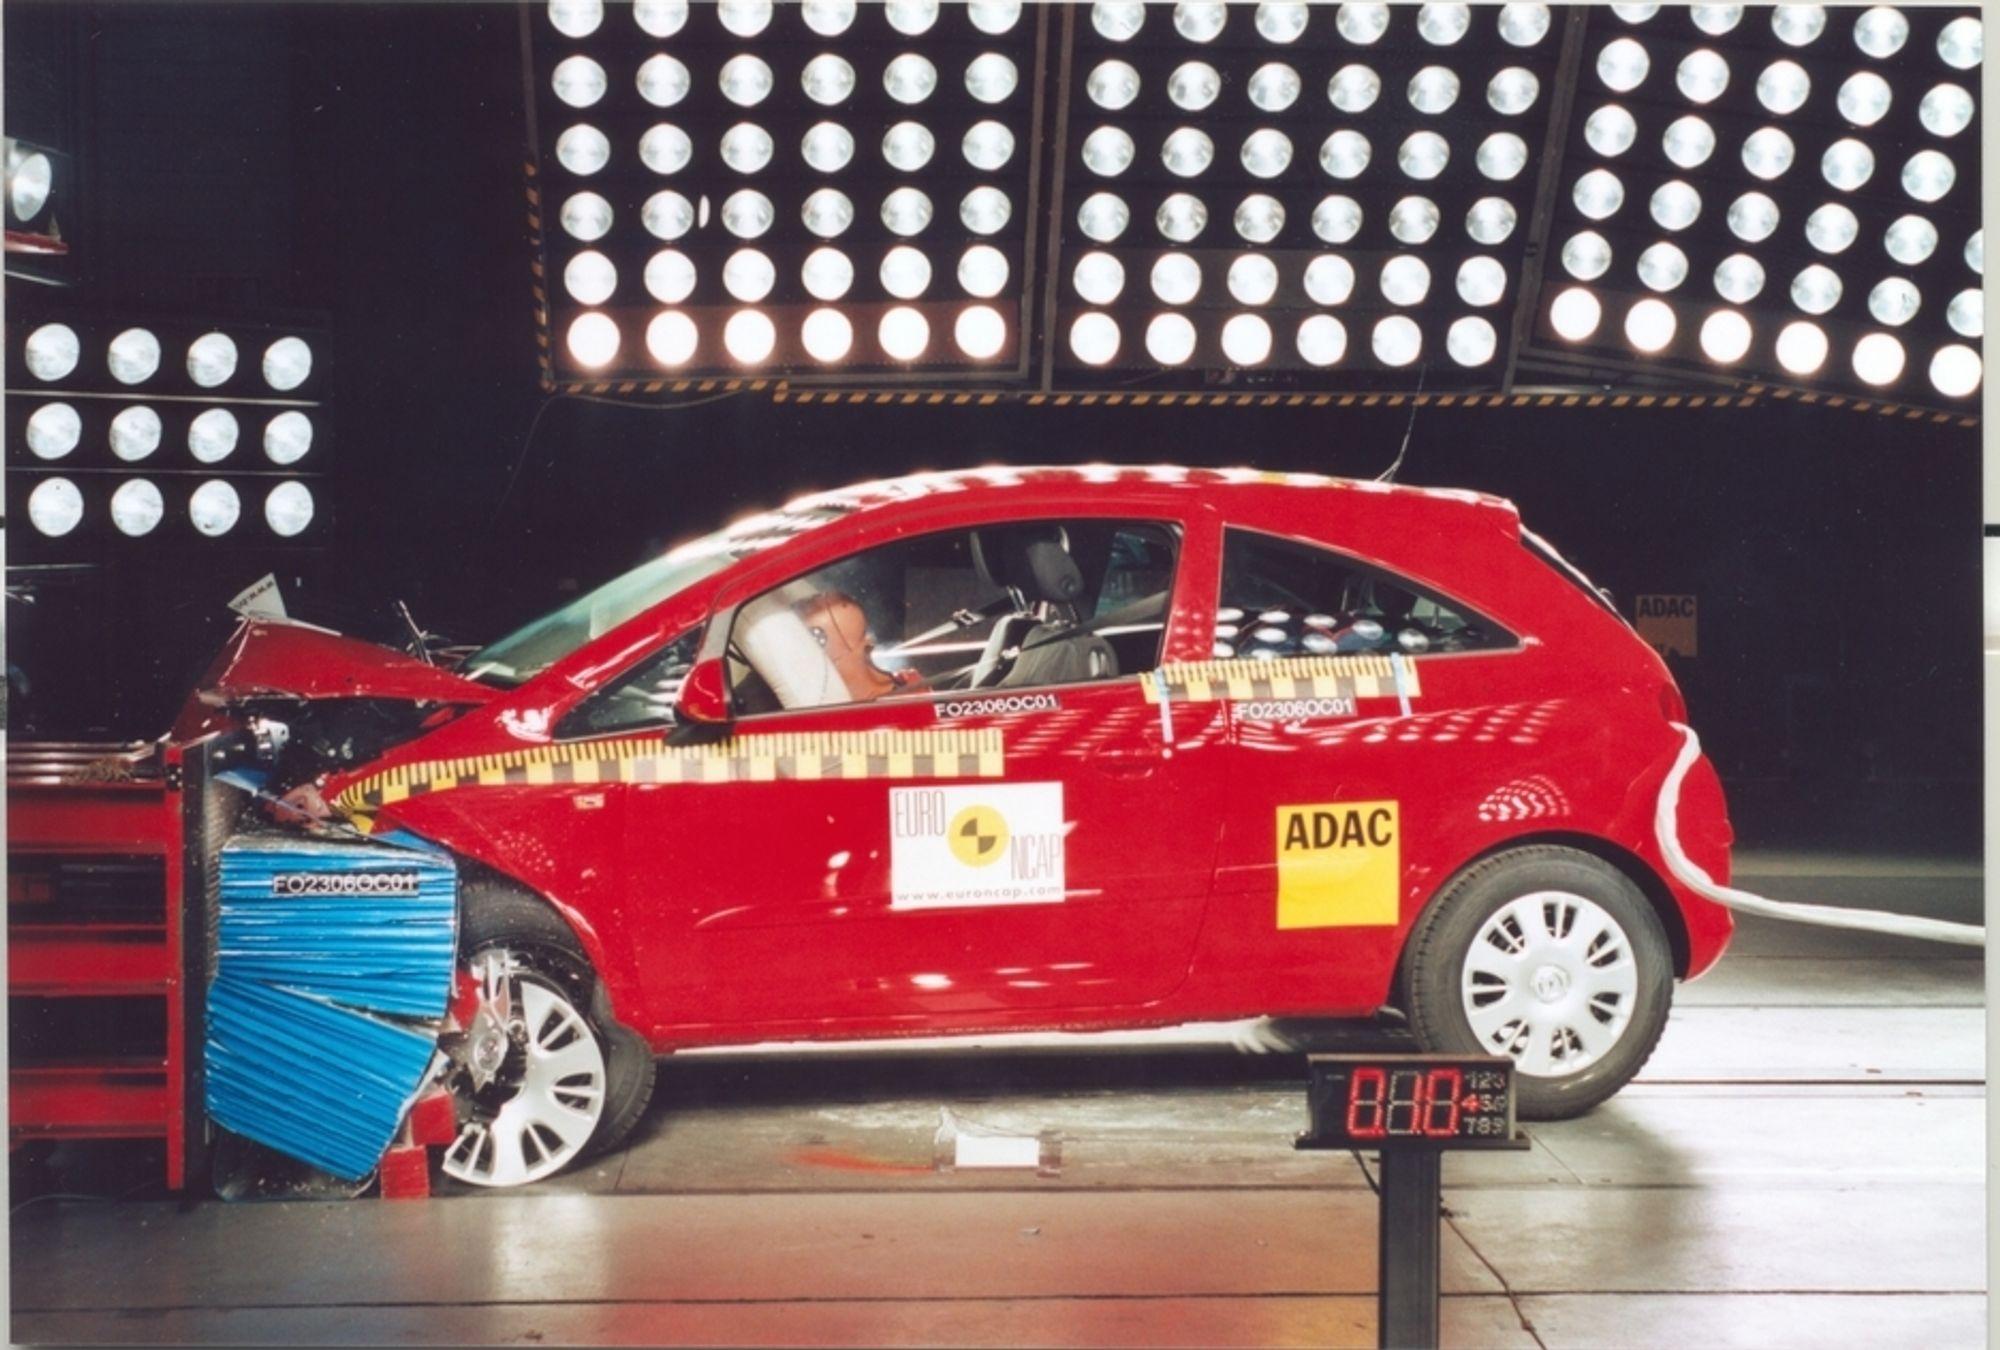 SIKKER: Lille Opel Corsa fikk full pott under testingen hos EuroNCAP utenfor Brussel. Bilen fikk også høy karakter når det gjelder barnesikring, og gir på grunn av frontformen svært små skader på fotgjengere ved sammenstøt.